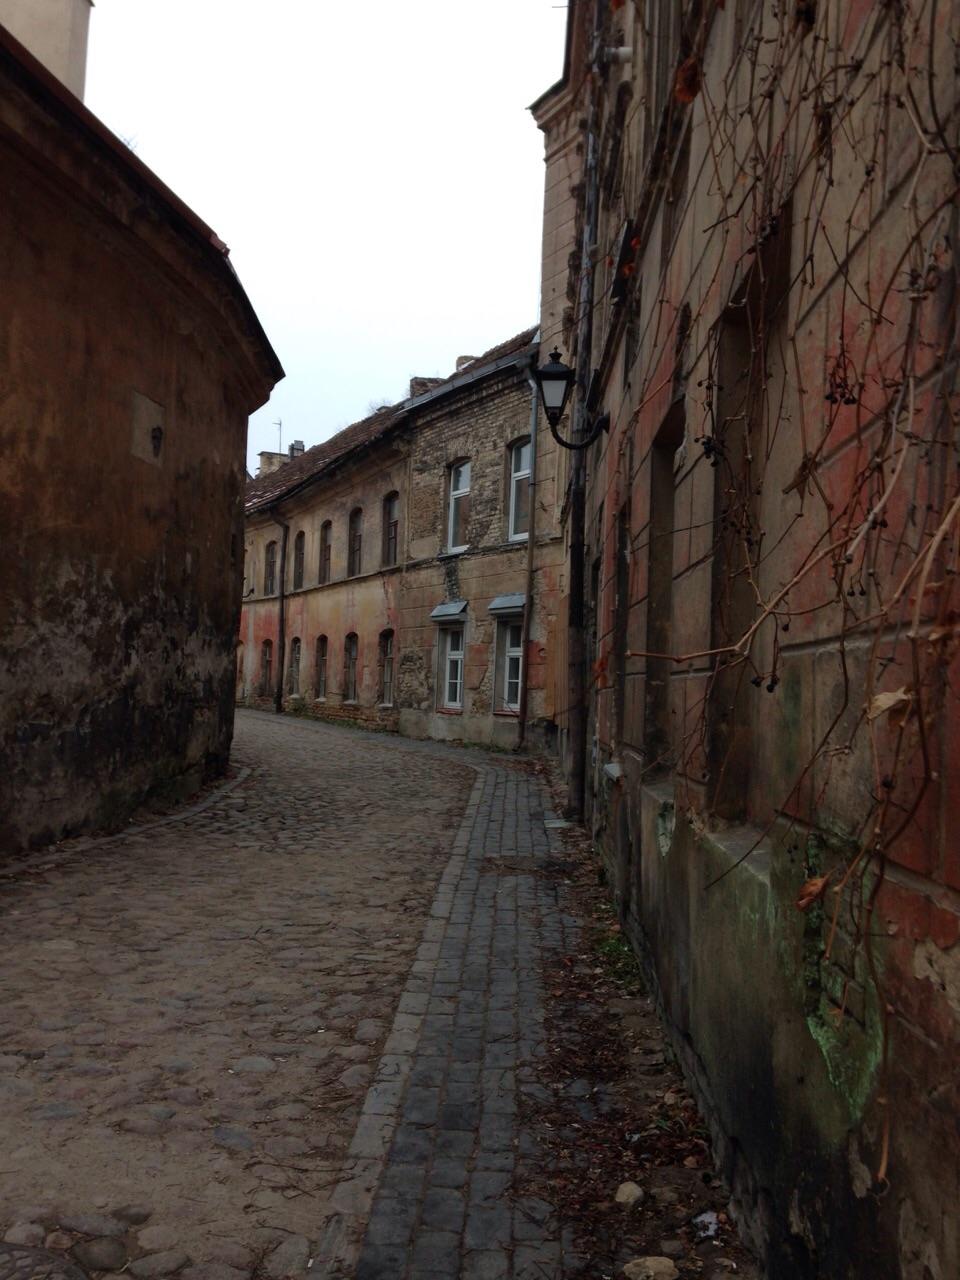 Verlaten straten in de buitenwijken van Riga Letland